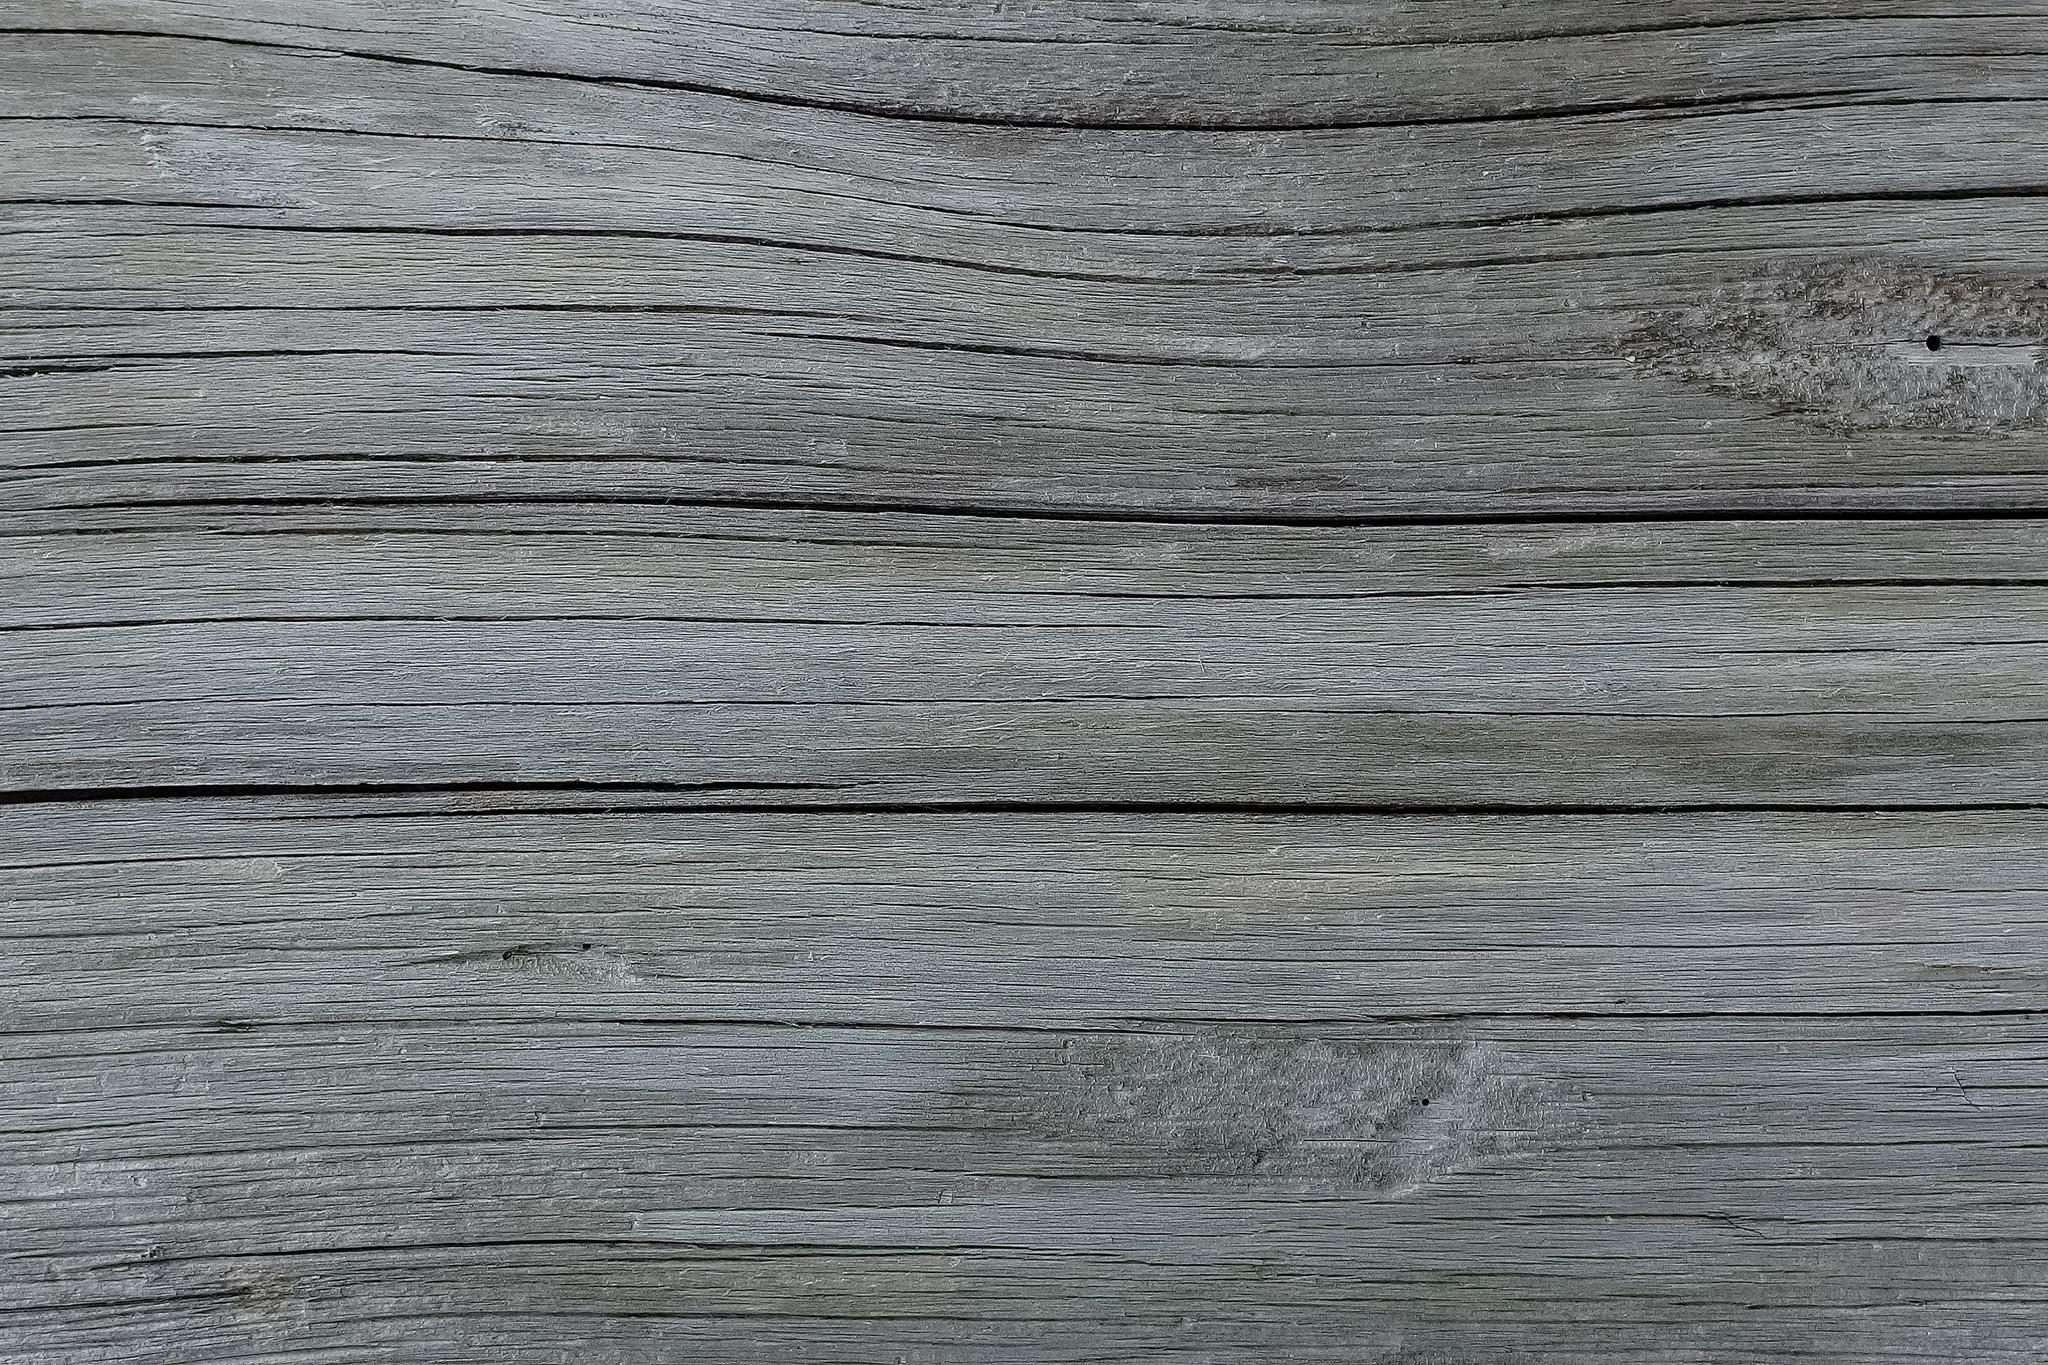 「白く乾燥した木の質感」の素材を無料ダウンロード